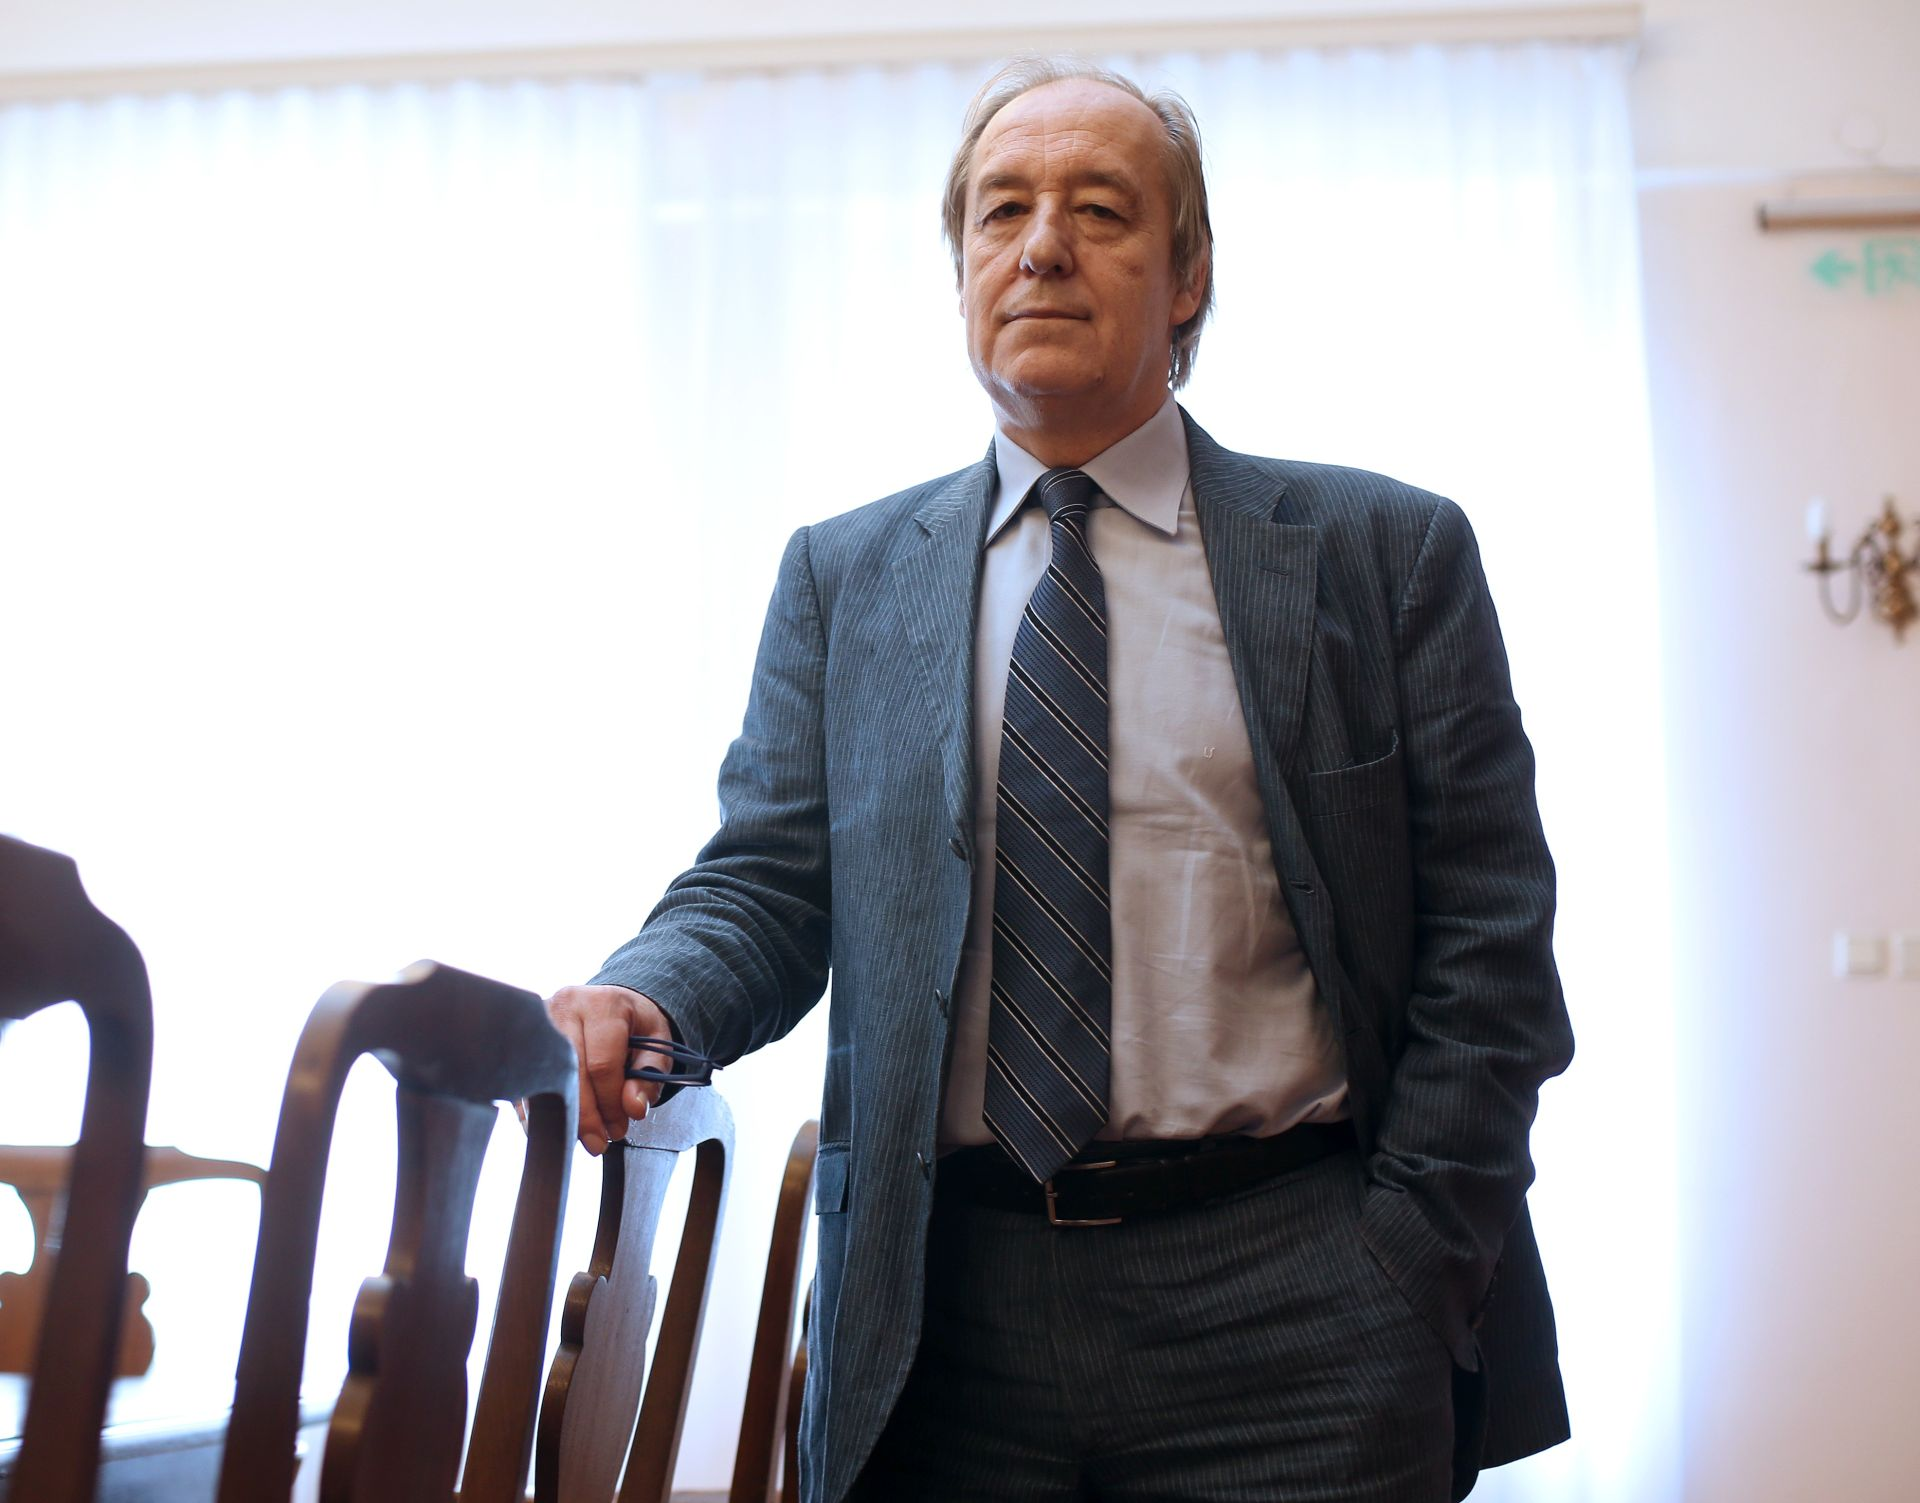 Furio Radin: Pozvat ću ministra Orepića da nas izvjesti o slučaju Frljić